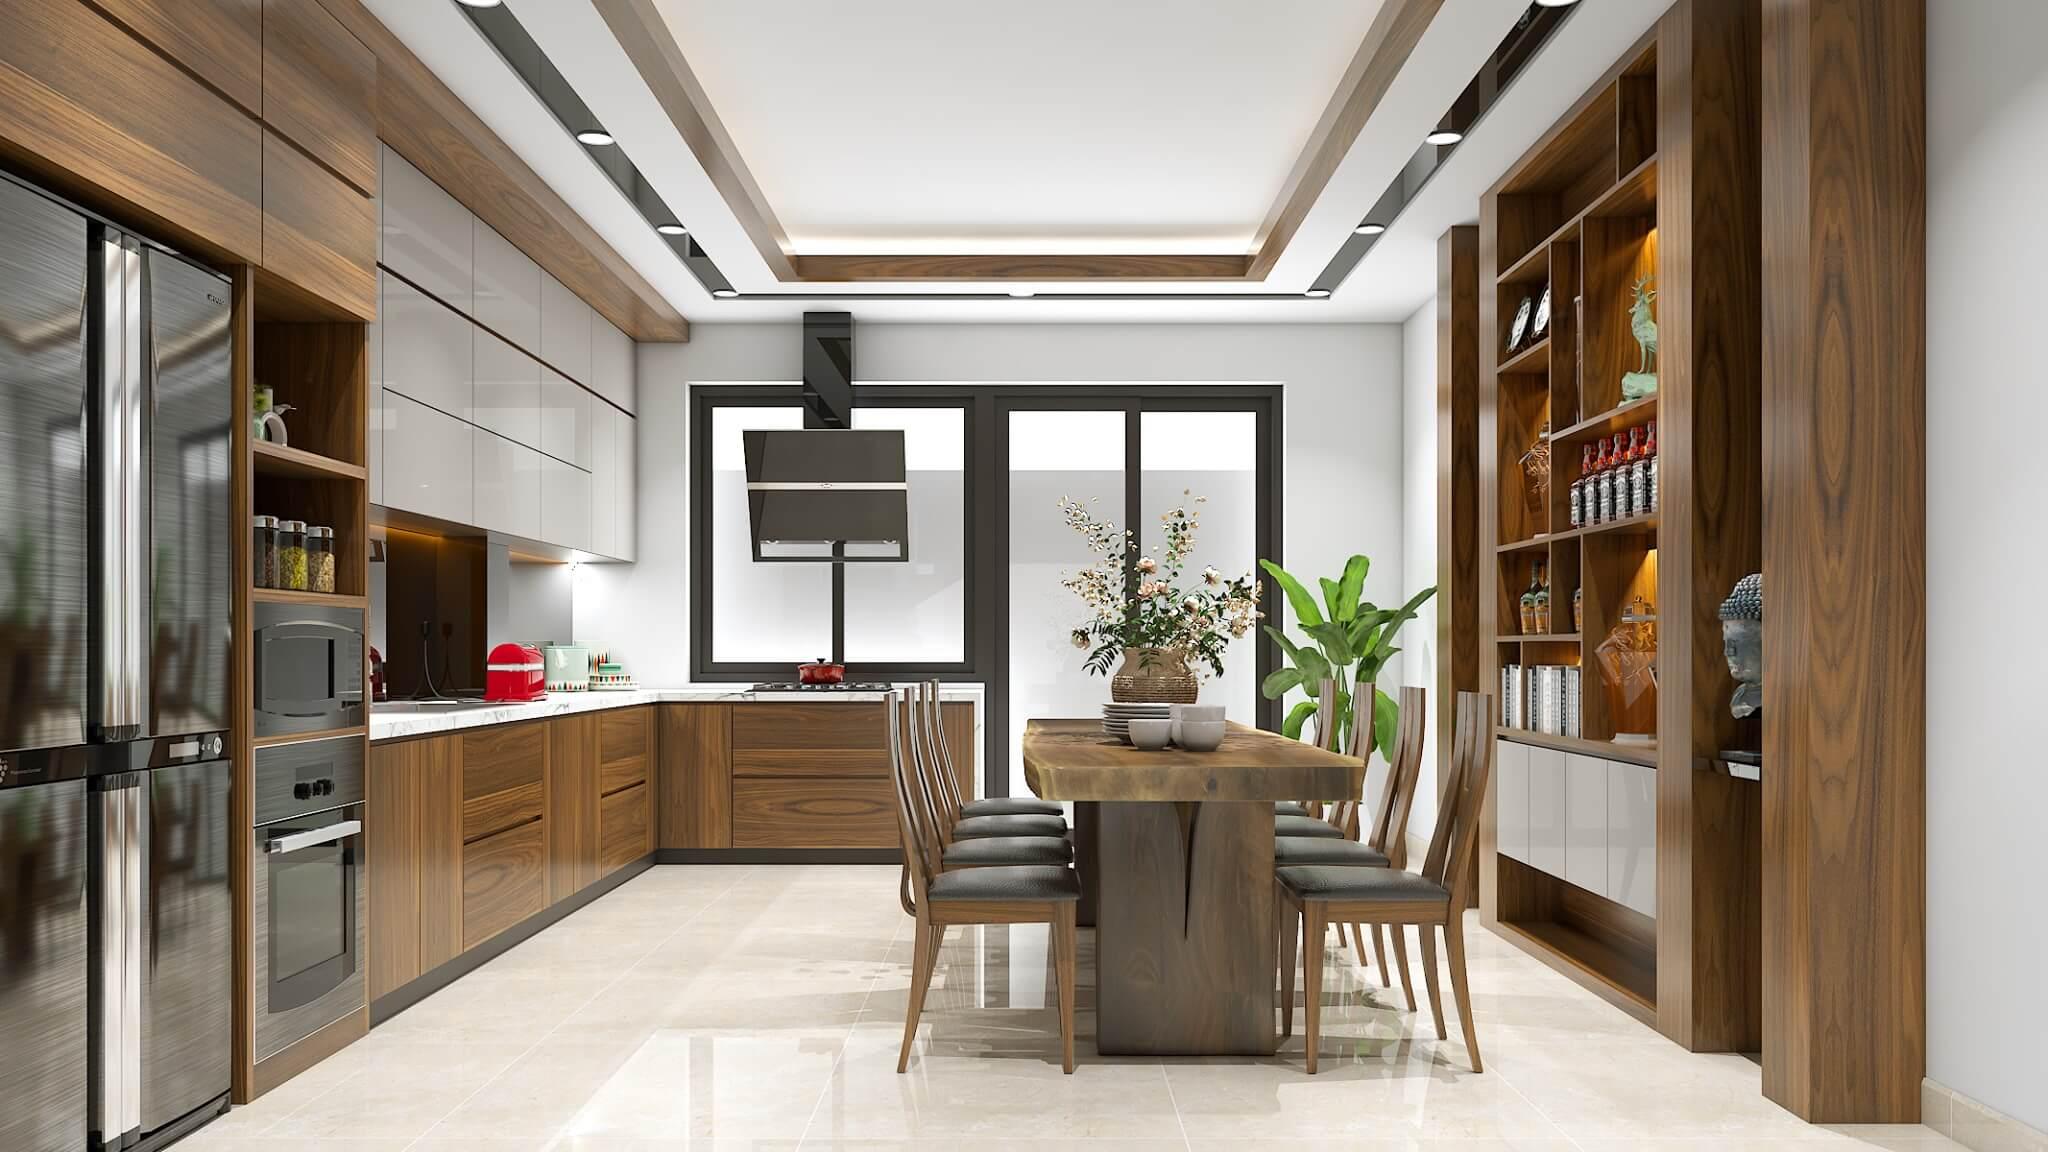 Thiết kế phòng bếp biệt thự tiện lợi và sang trọng